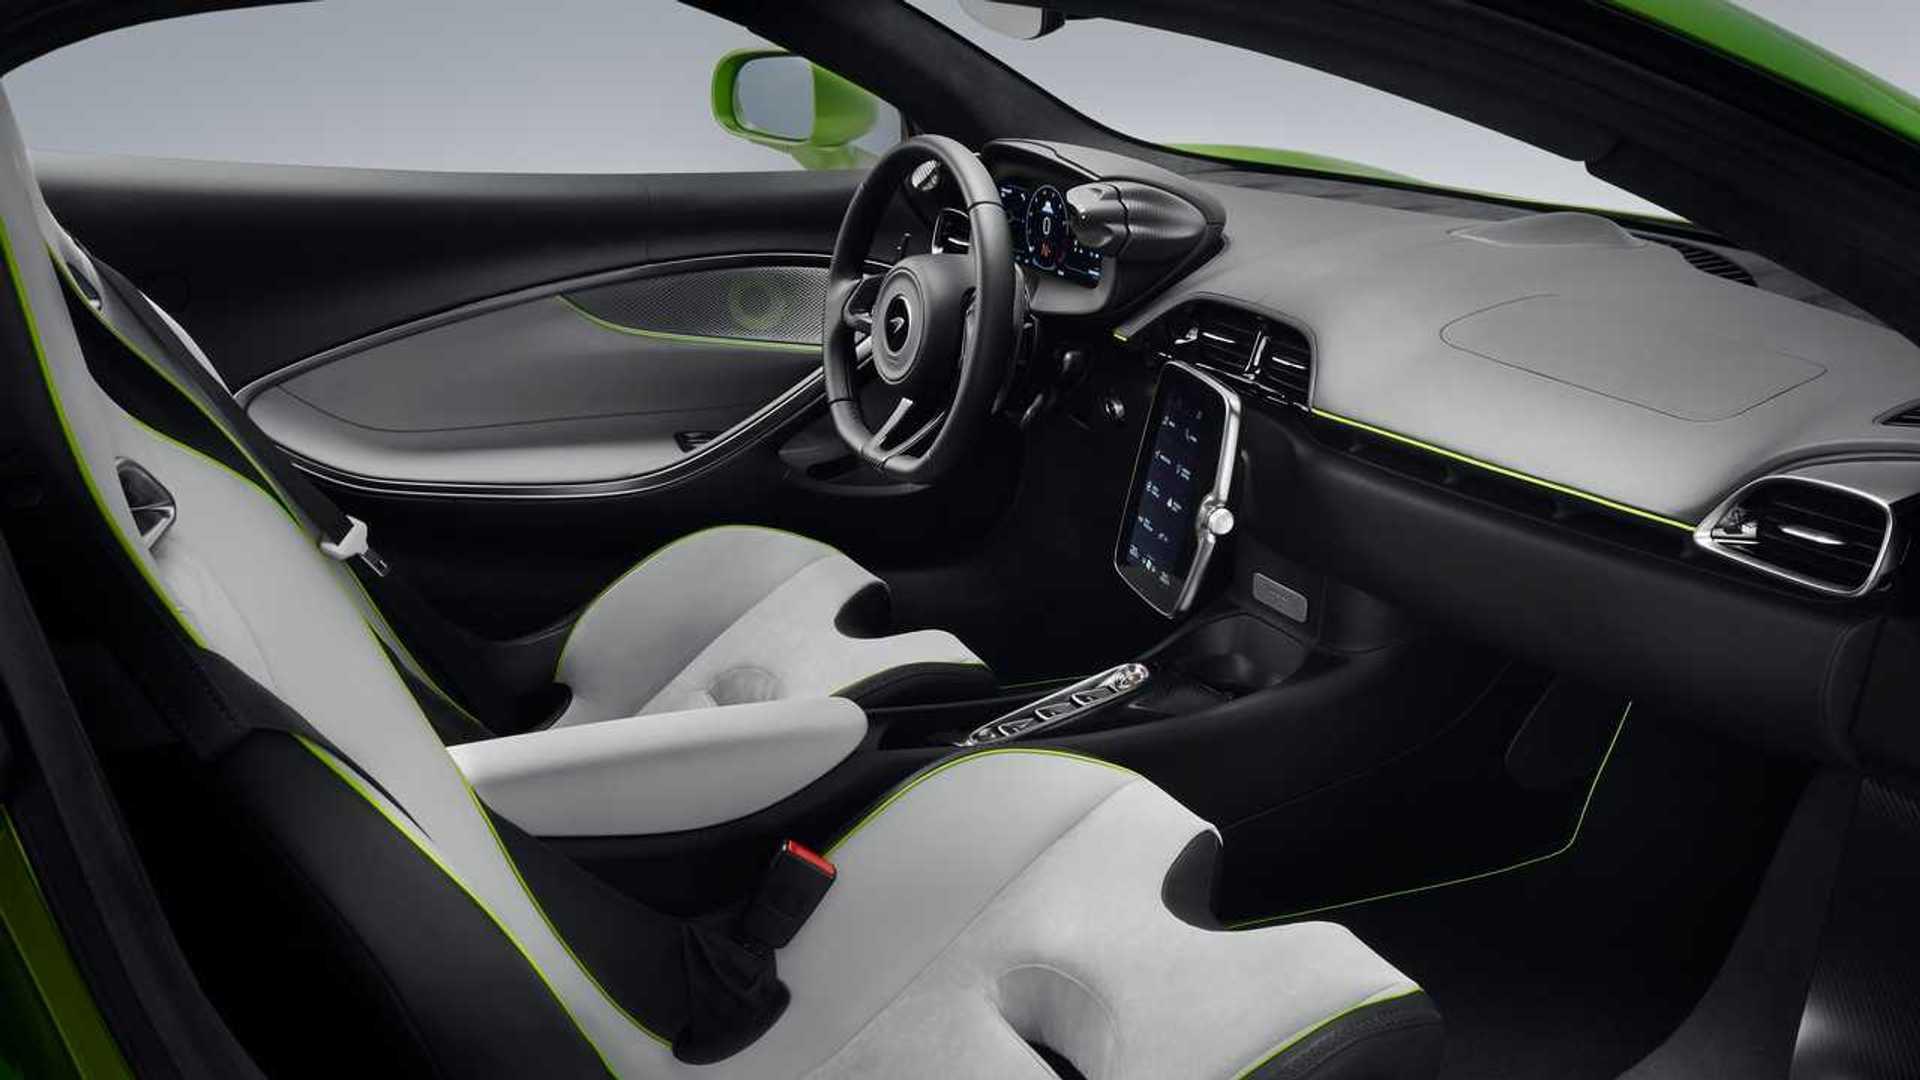 2022 McLaren Artura Interior